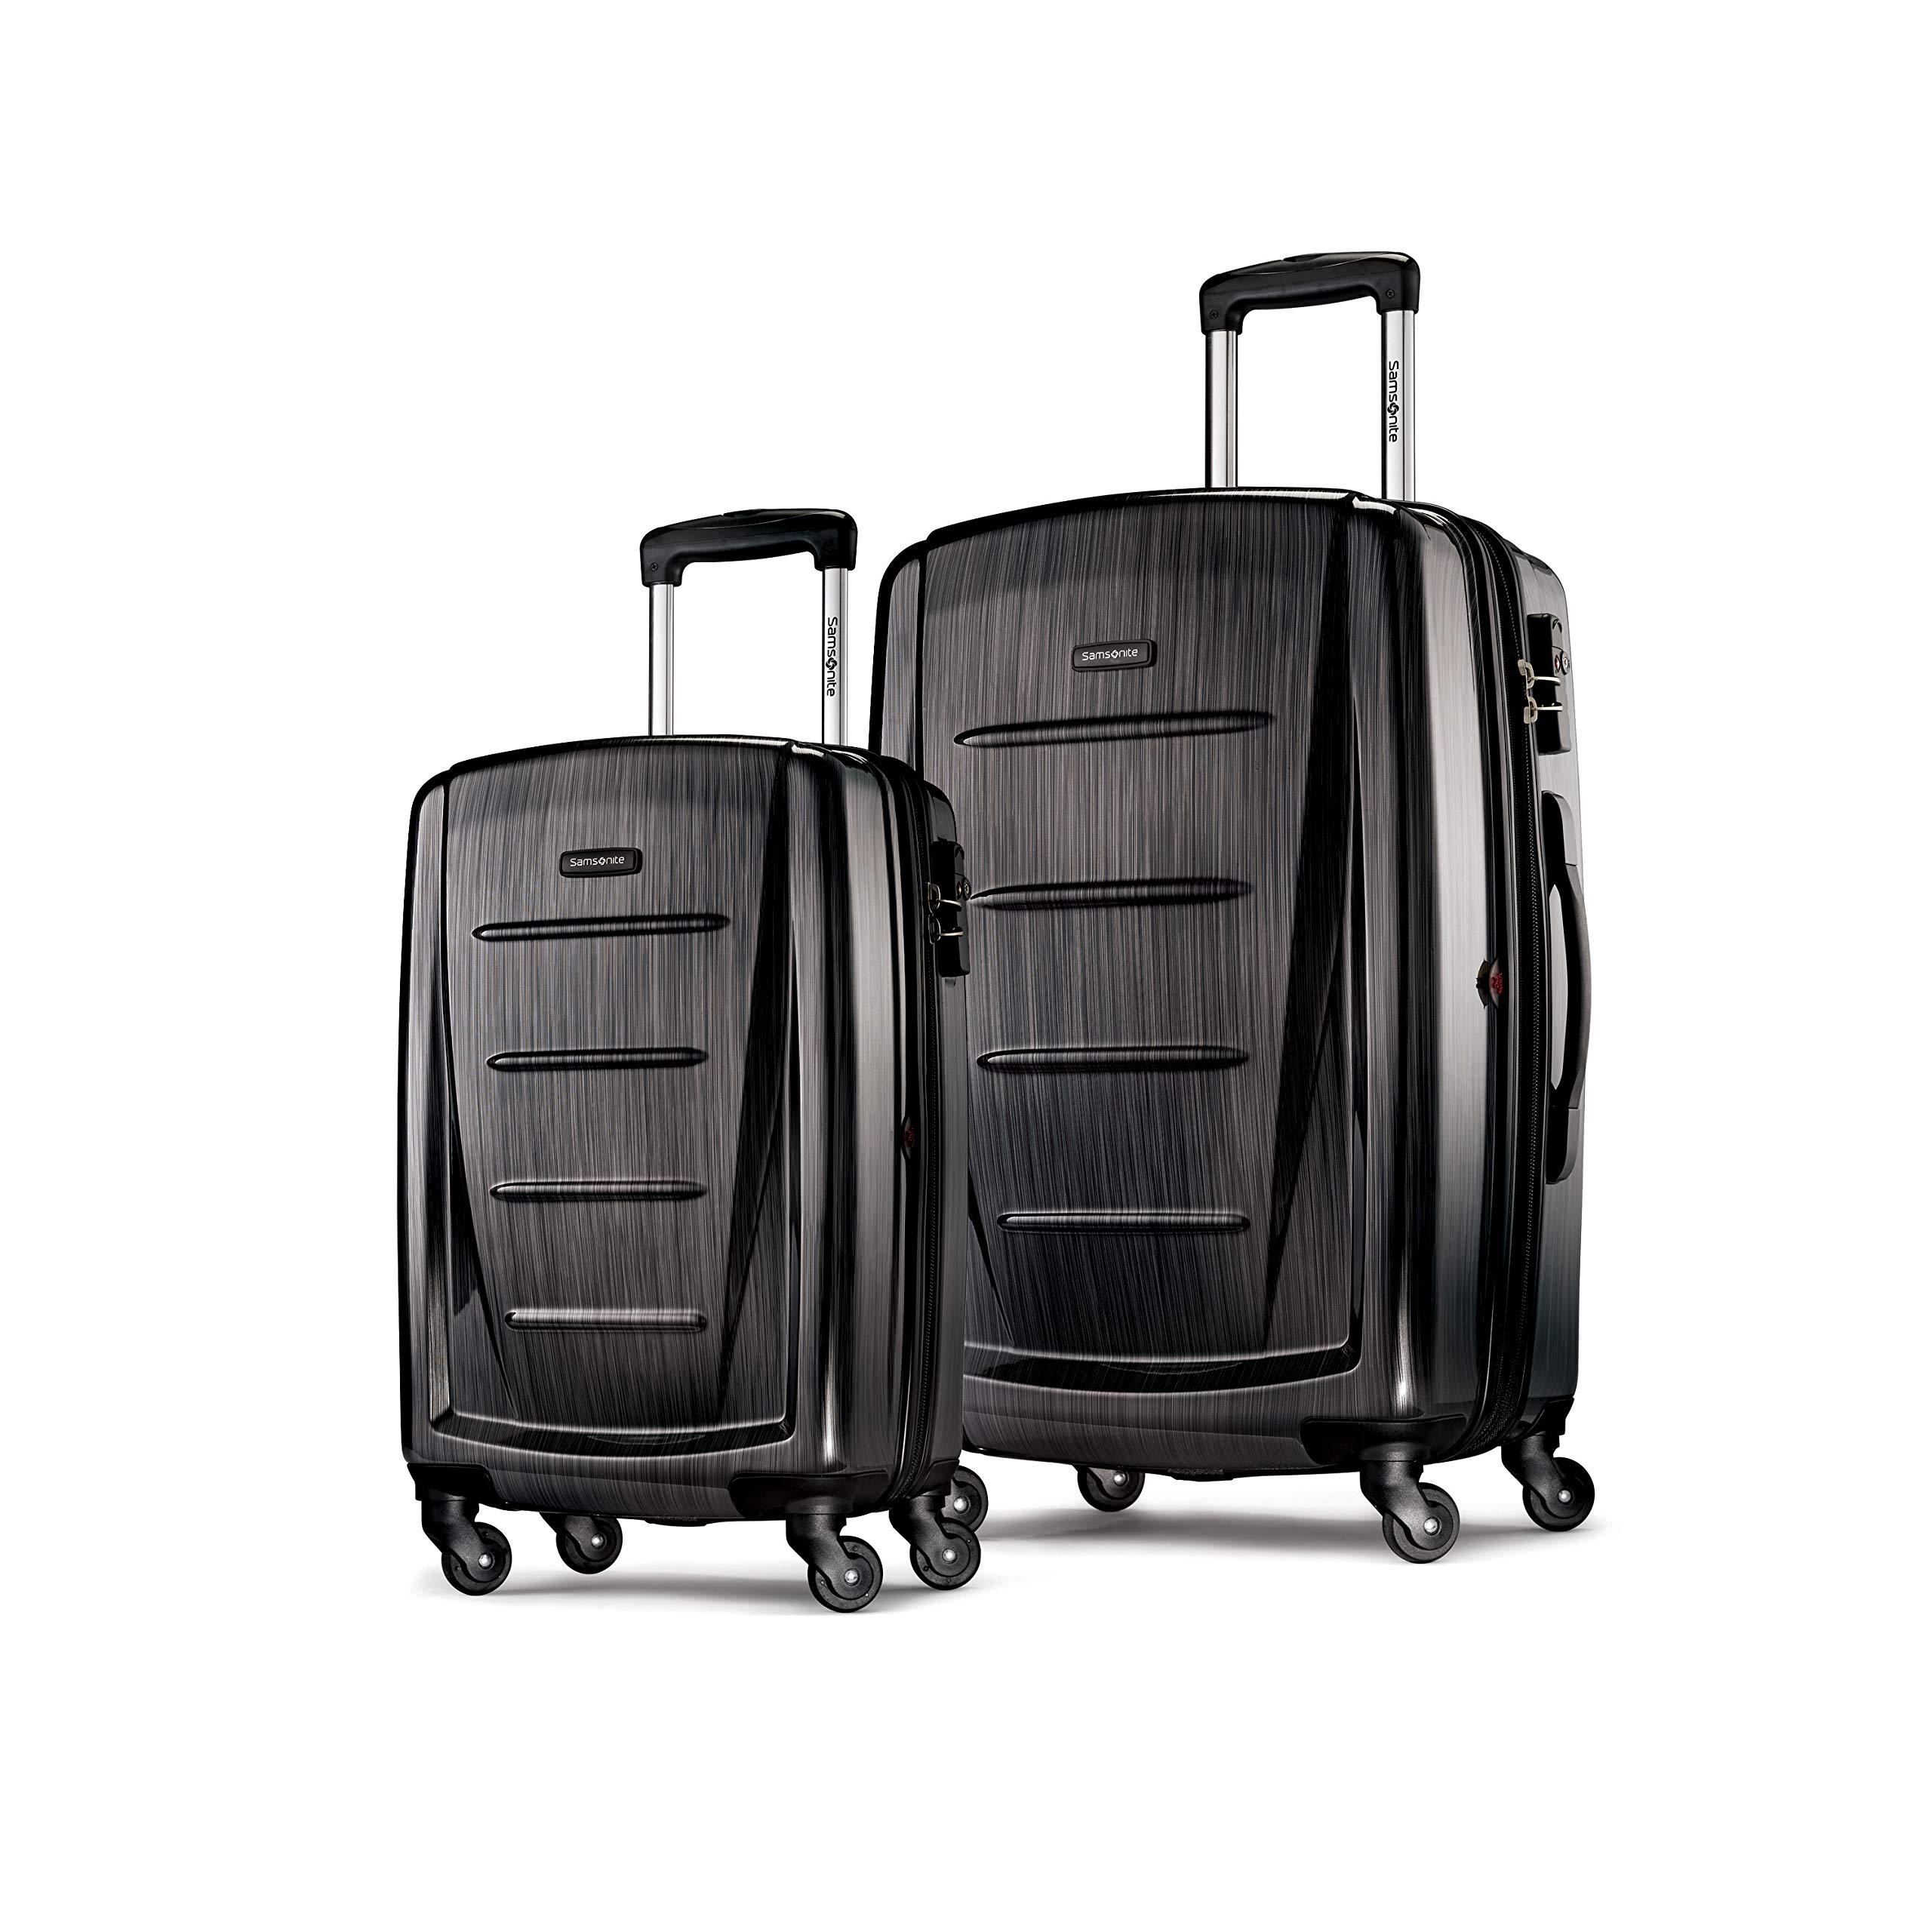 쌤소나이트 윈필드2 20인치 + 28인치 2피스 세트 Samsonite Winfield 2 Expandable Hardside 2-Piece Luggage Set (20/28) with Spinner Wheels